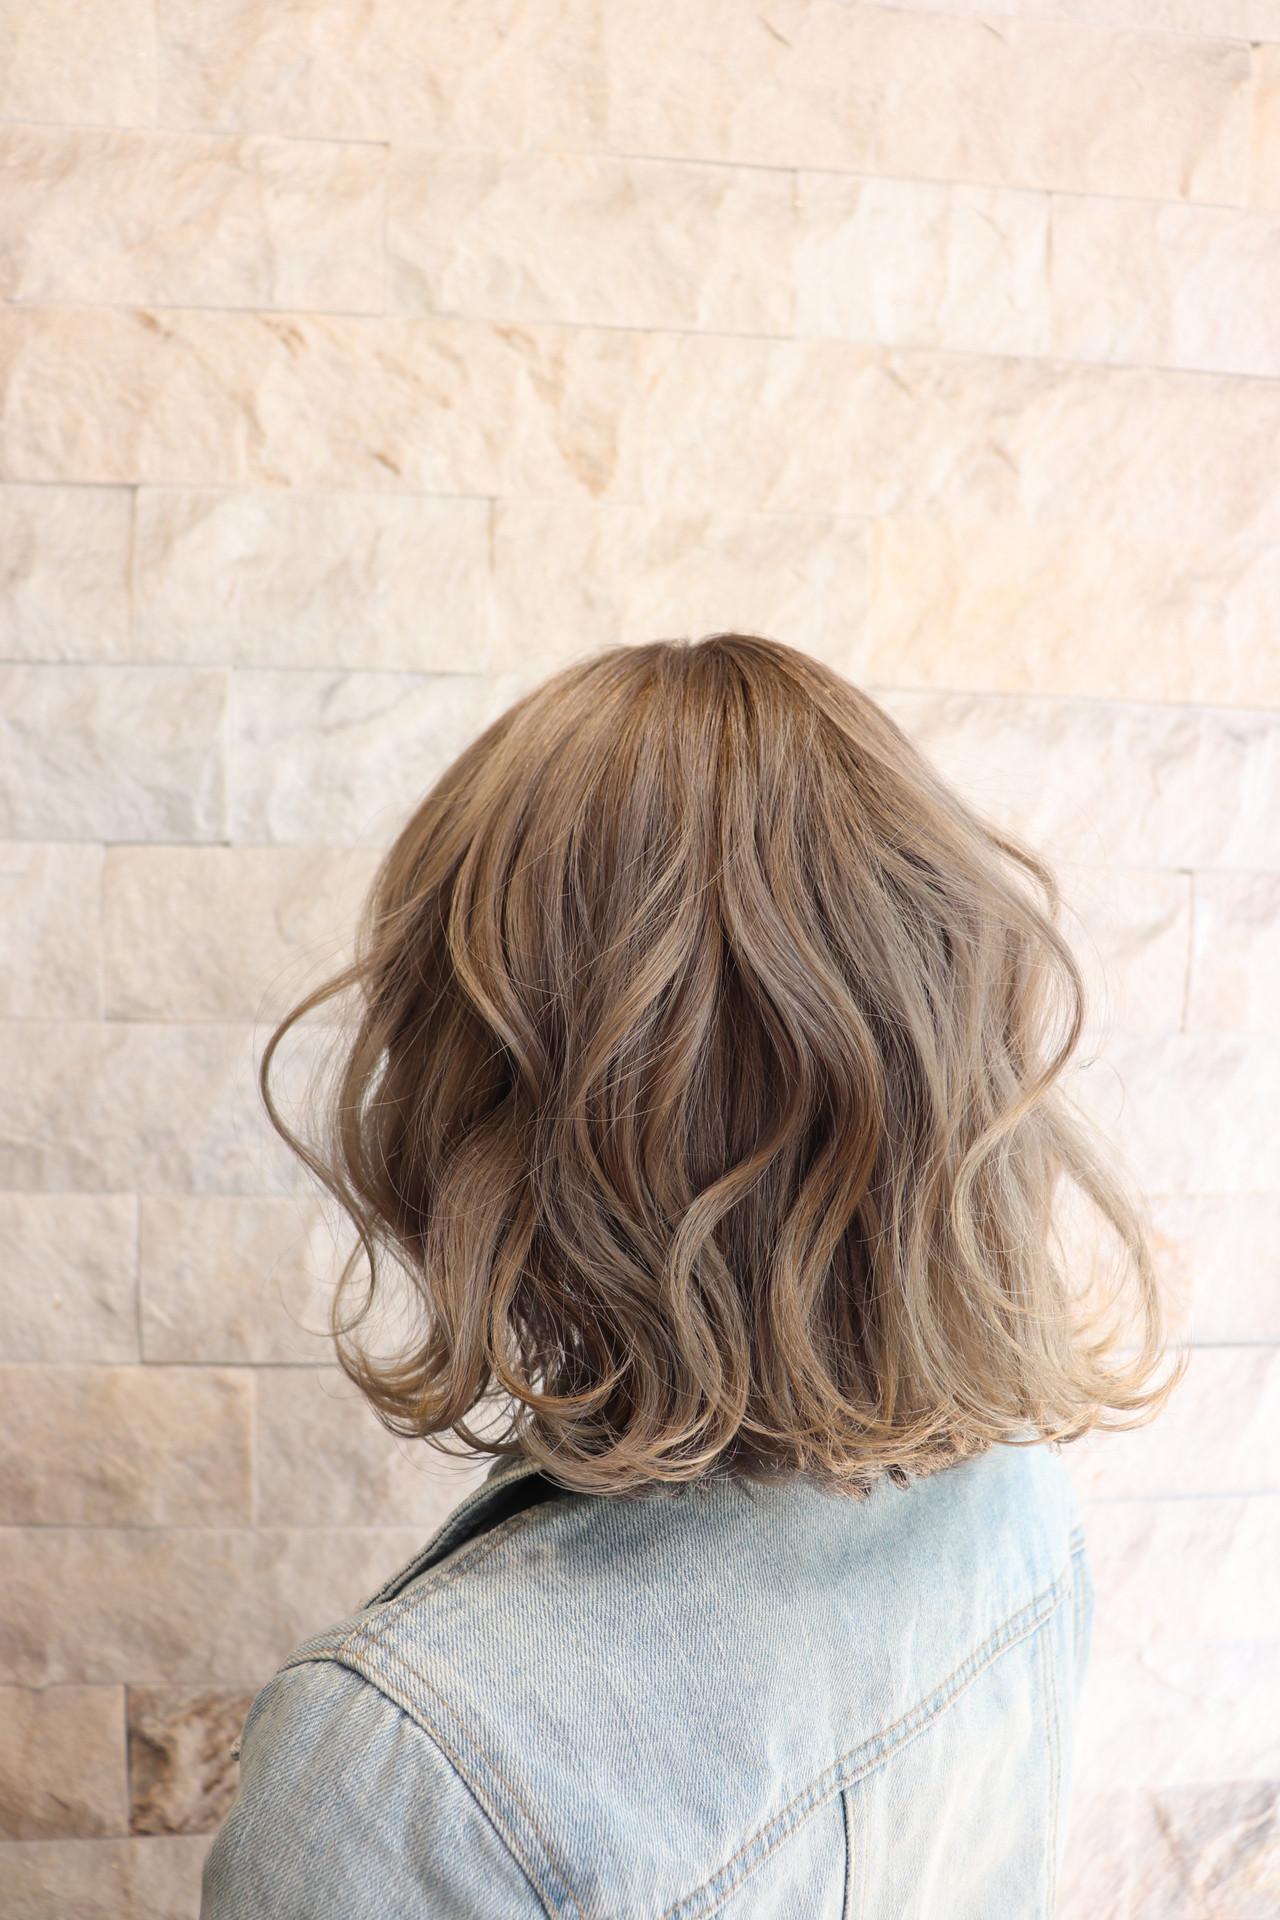 外国人風カラー ブリーチカラー ブリーチオンカラー ミディアム ヘアスタイルや髪型の写真・画像